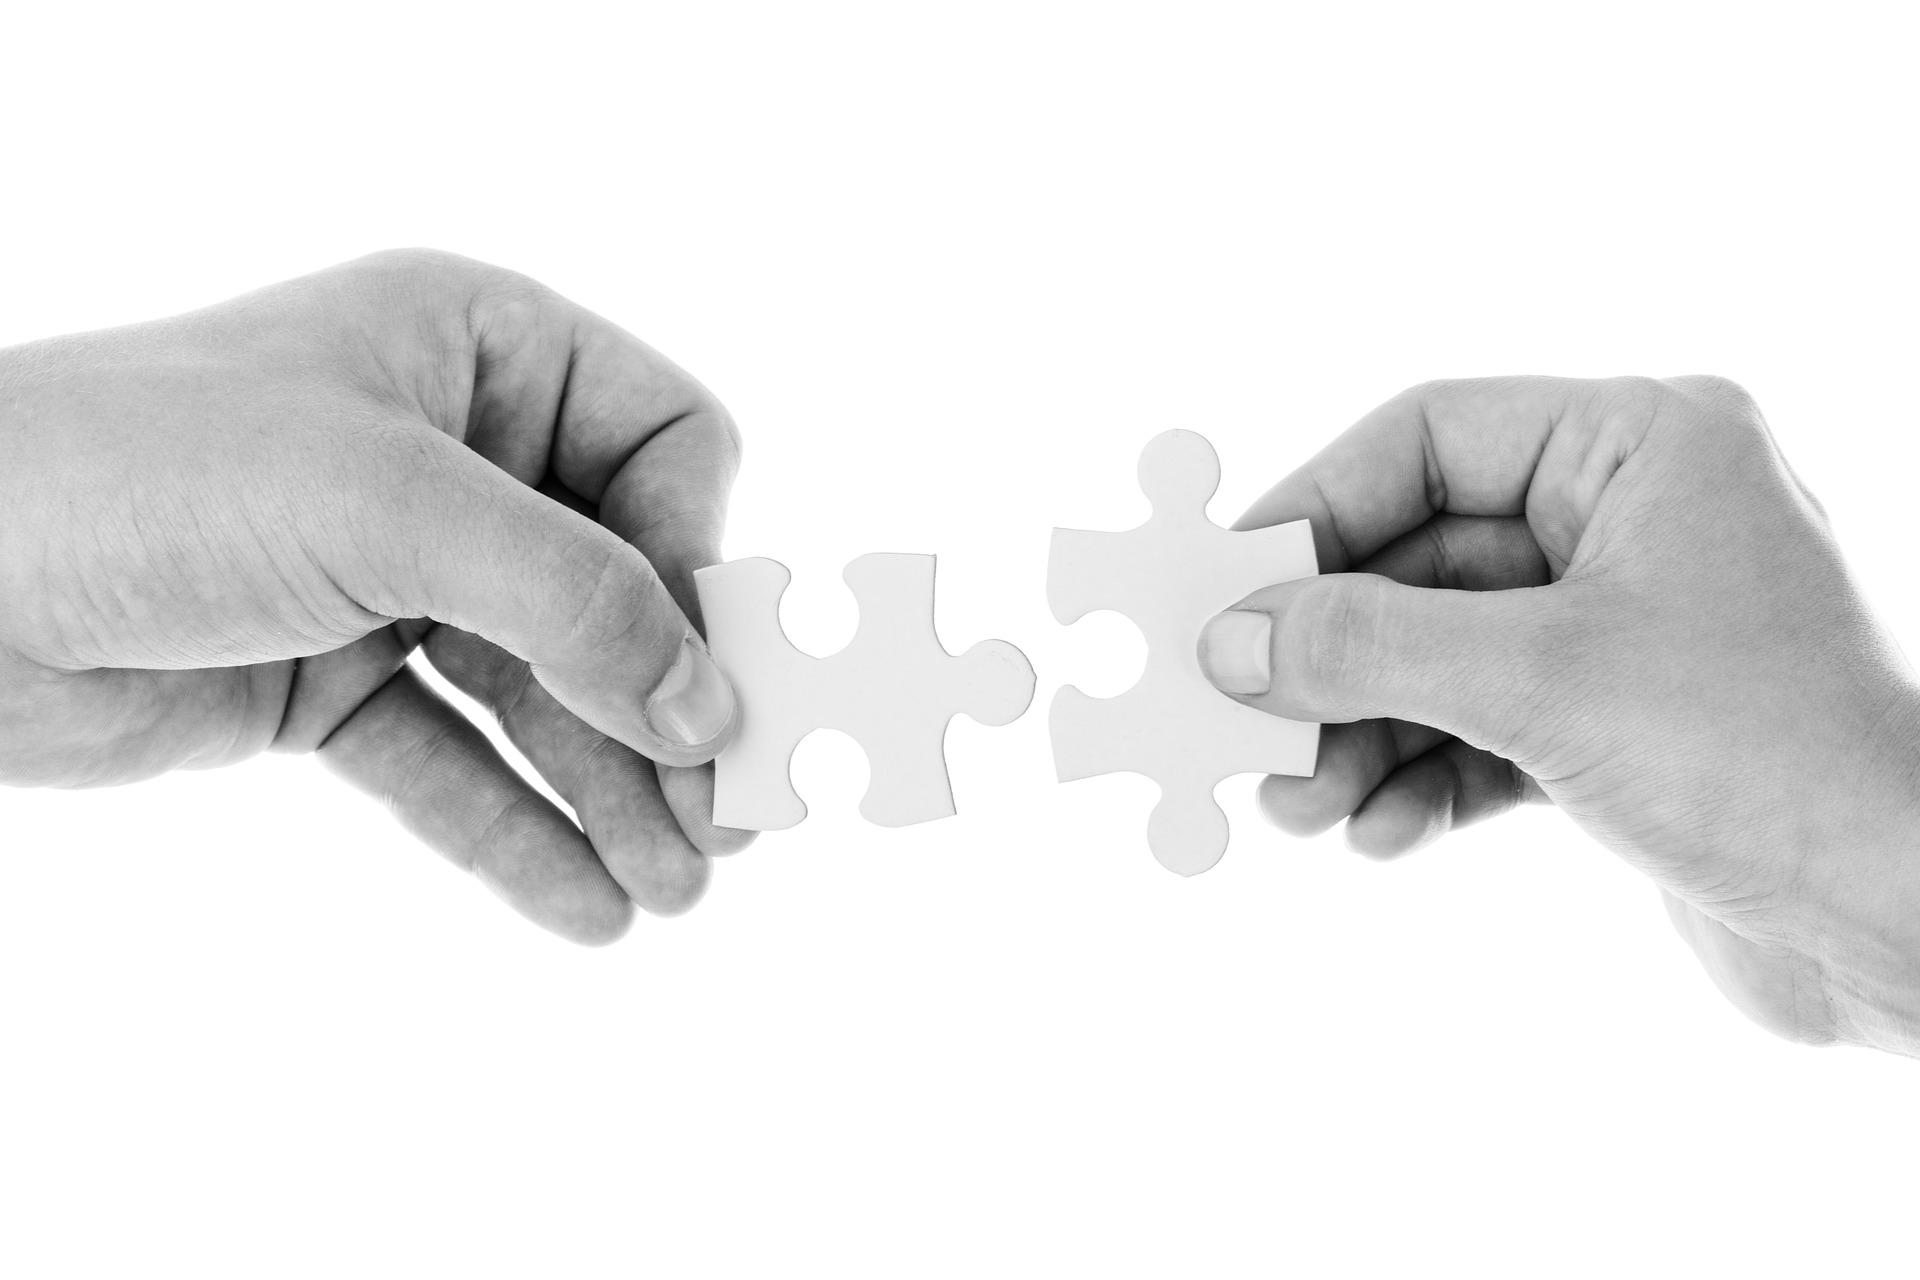 Tanken med standarder är att saker ska fungera smidigt tillsammans - som pusselbitarna i ett pussel.